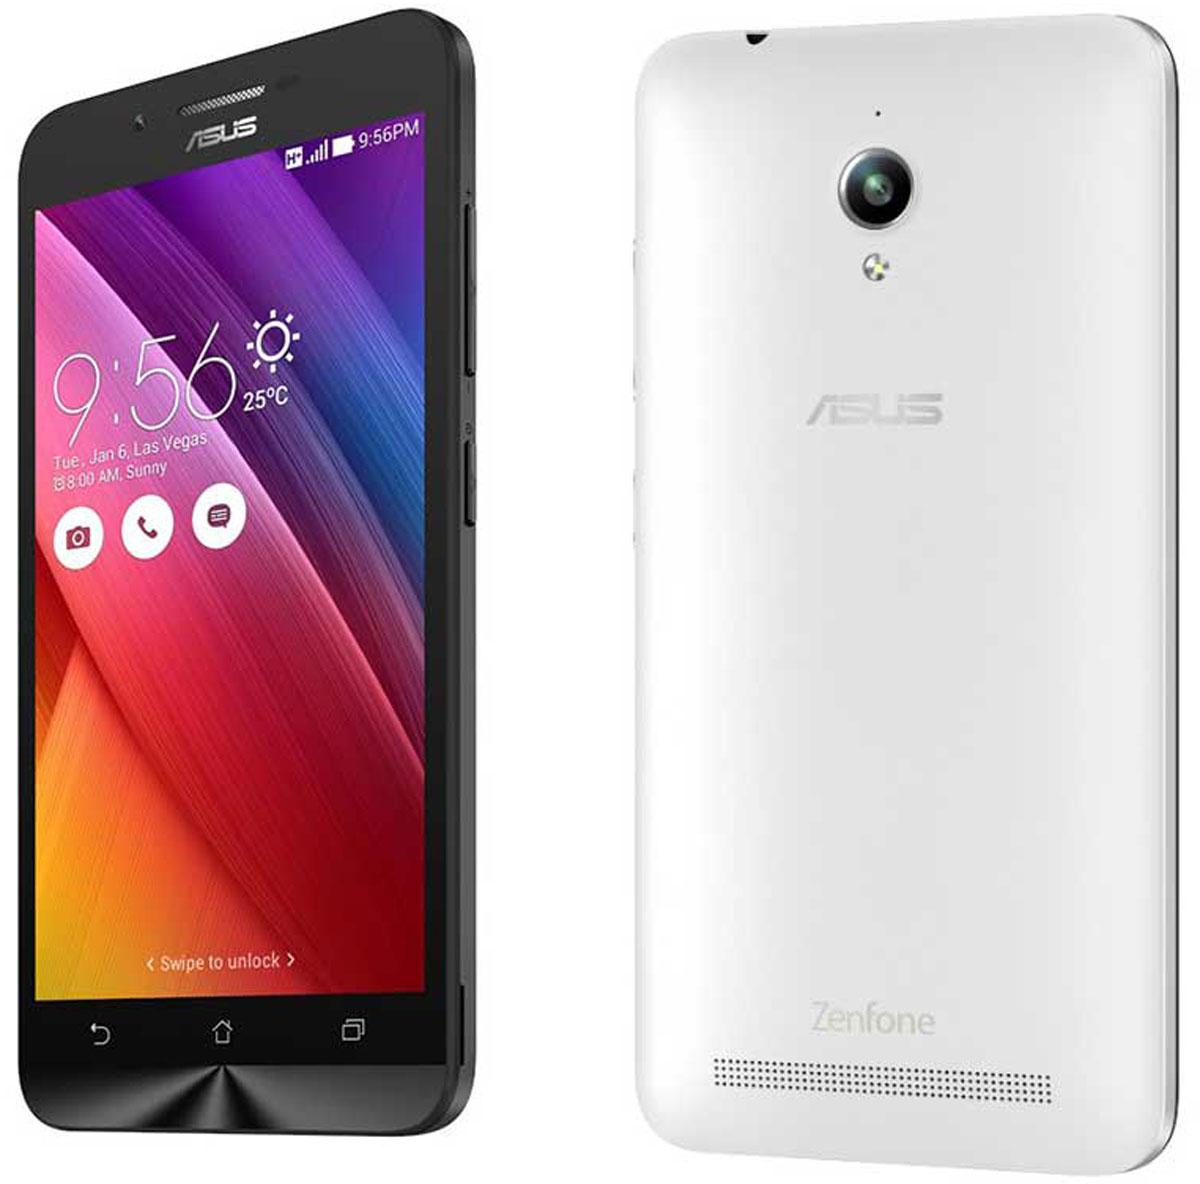 Asus ZenFone Go ZC500TG, White (90AZ00V2-M00480)90AZ00V2-M00480Смартфон ZenFone Go (ZC500TG) выполнен в изящном корпусе. Обладая эргономичной формой, он украшен традиционным для мобильных устройств ASUS узором из концентрических окружностей с углублениями размером 0,13 мм. Четырехъядерный процессор: Мощный процессор MediaTek обеспечивает высокую производительность ZenFone Go в многозадачном режиме. Впечатляющее изображение: ZenFone Go оснащается IPS-дисплеем с разрешением 1280х720 пикселей и пиксельной плотностью 294 пикселя на дюйм. Изображение на его экране отличается высокой яркостью, поразительной четкостью и насыщенными цветами. Высококачественная камера: Для съемки ярких фотографий данный смартфон оснащается тыловой камерой с высоким разрешением. Ловите красивые моменты жизни вместе с ZenFone Go! Поддержка двух SIM-карт: ZenFone Go оснащается двумя слотами для SIM-карт, что позволяет использовать одновременно два телефонных номера, например рабочий и личный....